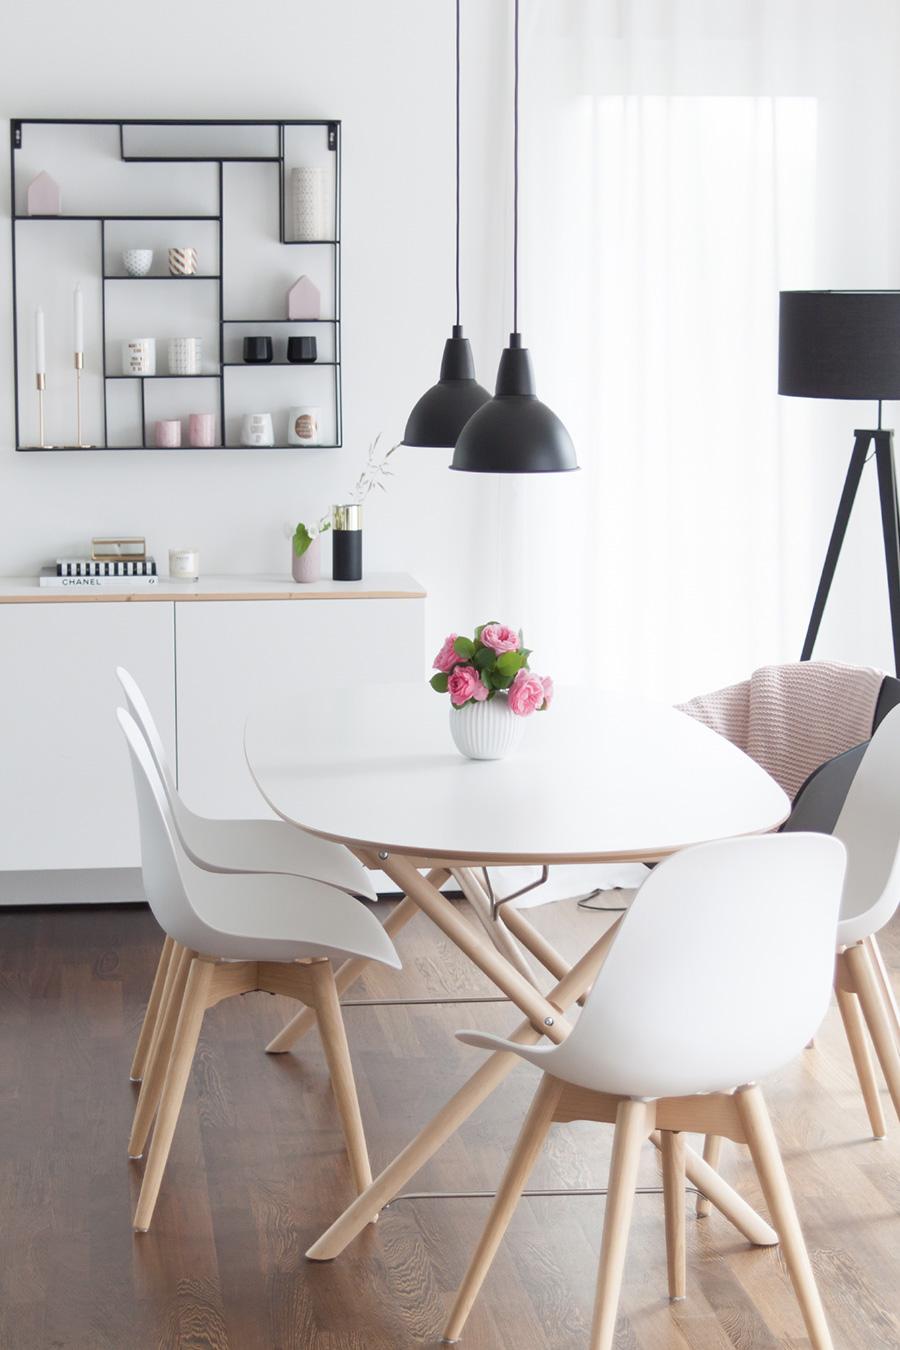 Ikea Esstisch weiß Inspiration